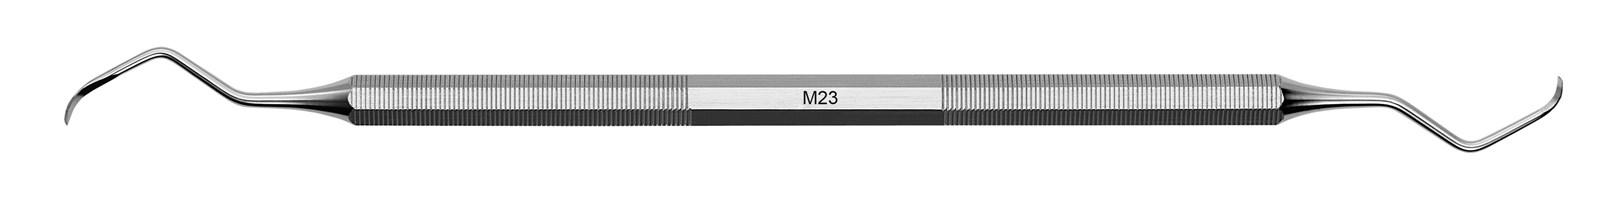 Scaler univerzální - M23, ADEP šedý